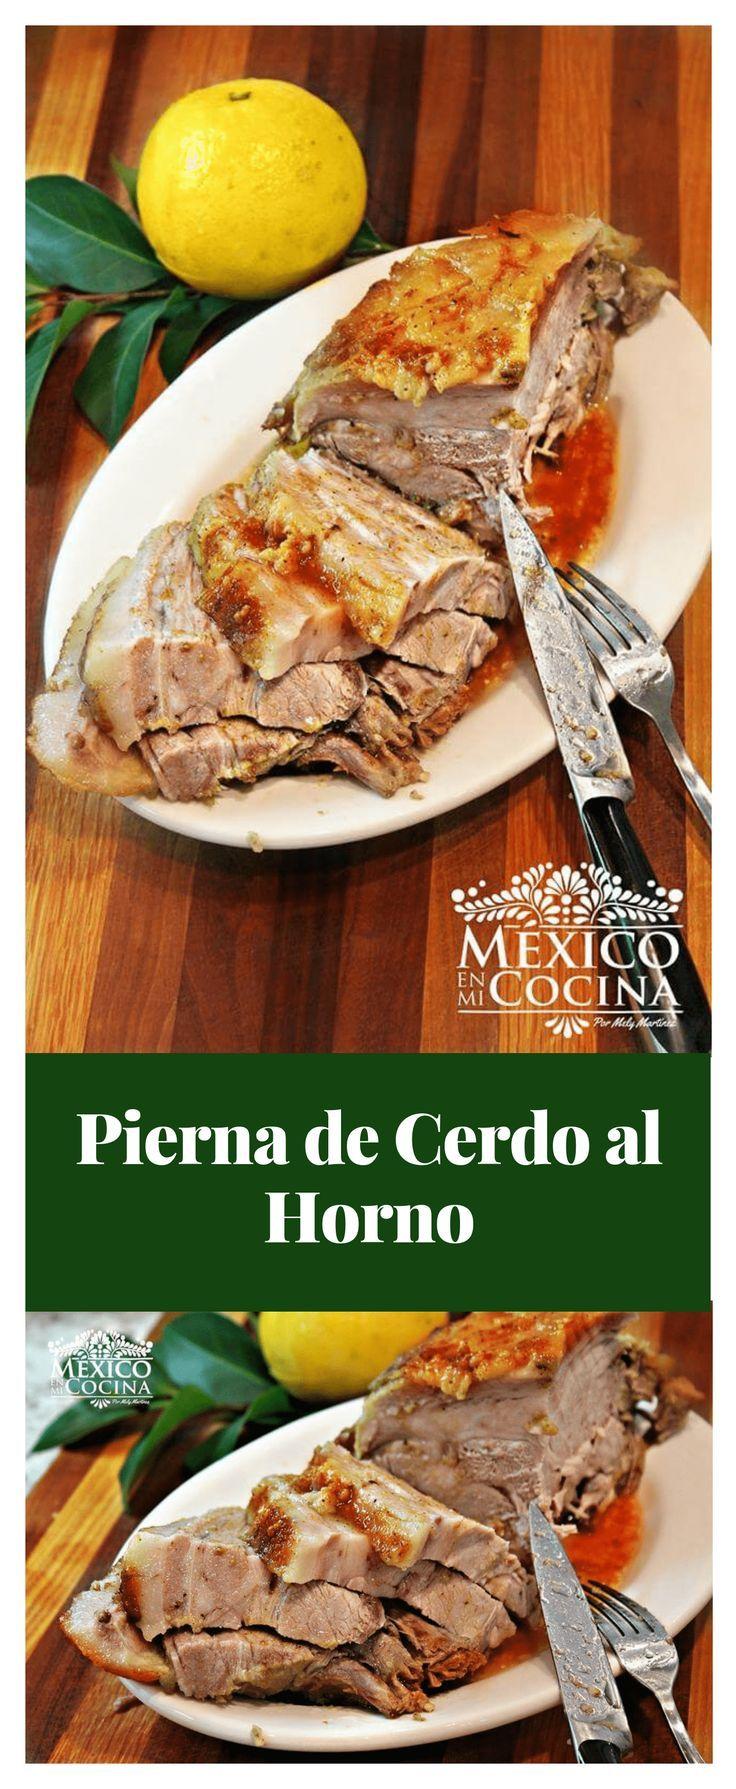 Pierna De Cerdo Al Horno Estilo Yucateco Recetas De Comida Mexicana Receta Pierna De Cerdo Al Horno Pierna De Cerdo Cerdo Al Horno